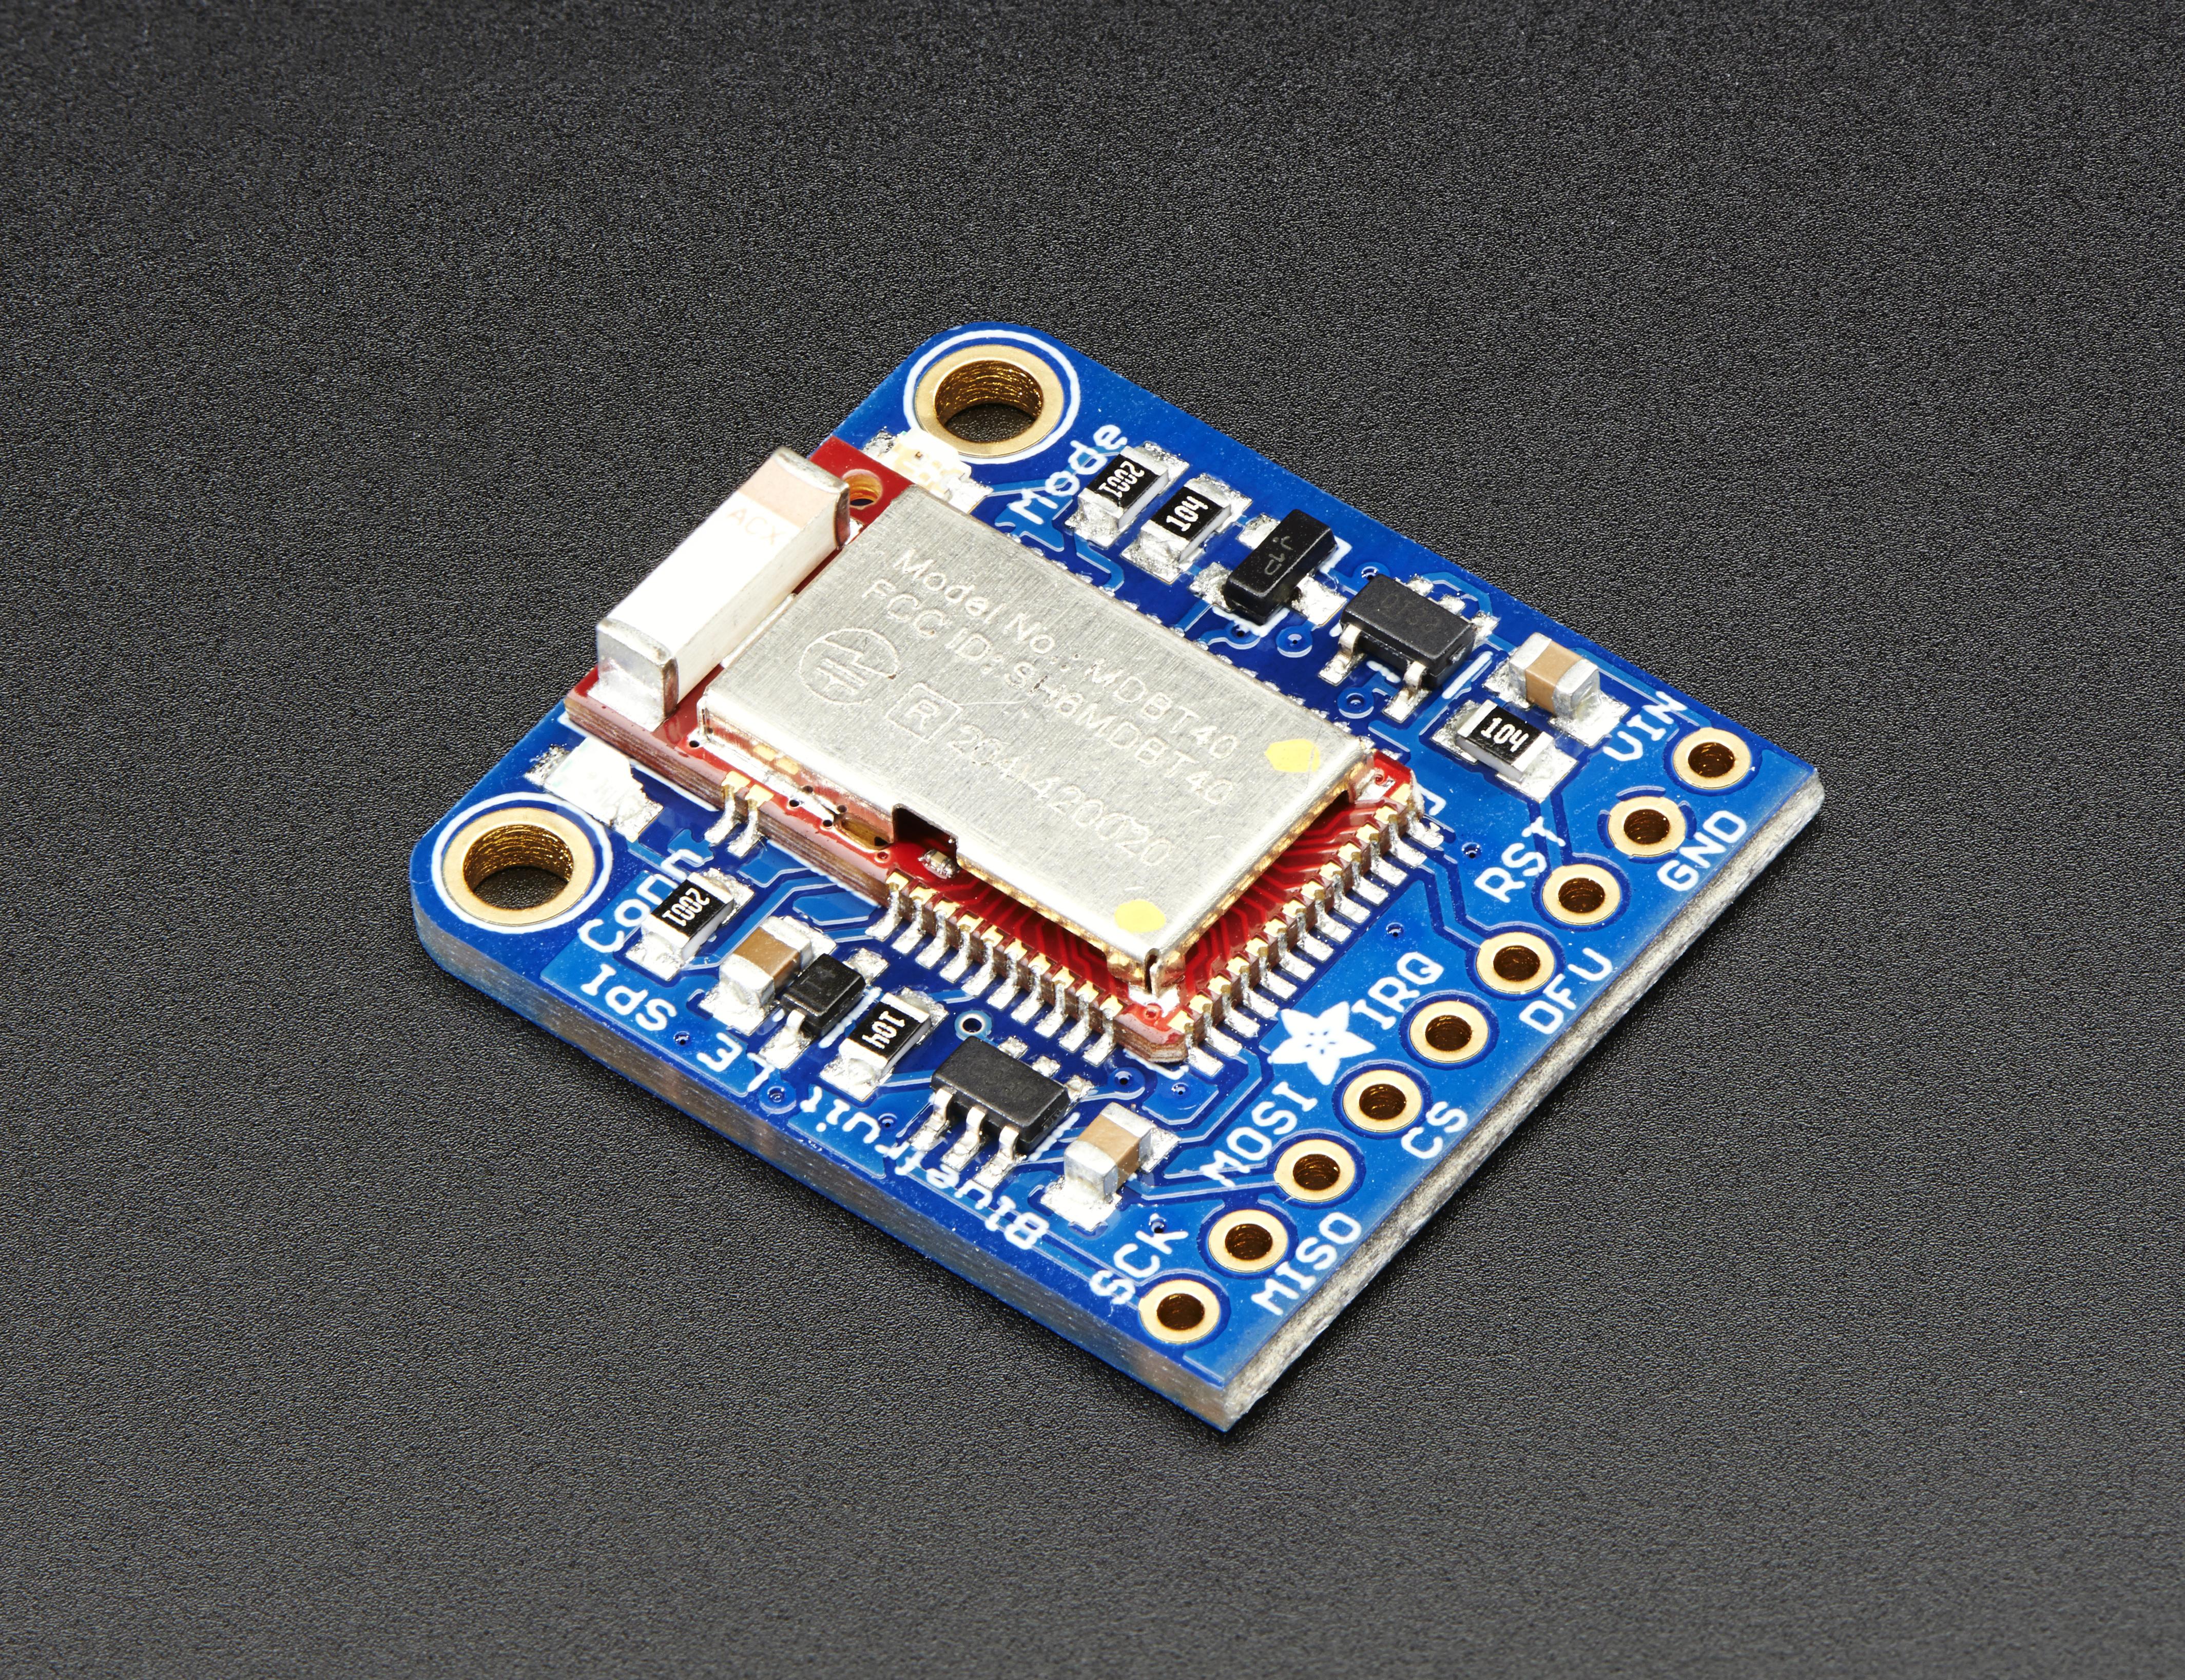 adafruit_products_2633_iso_ORIG.jpg